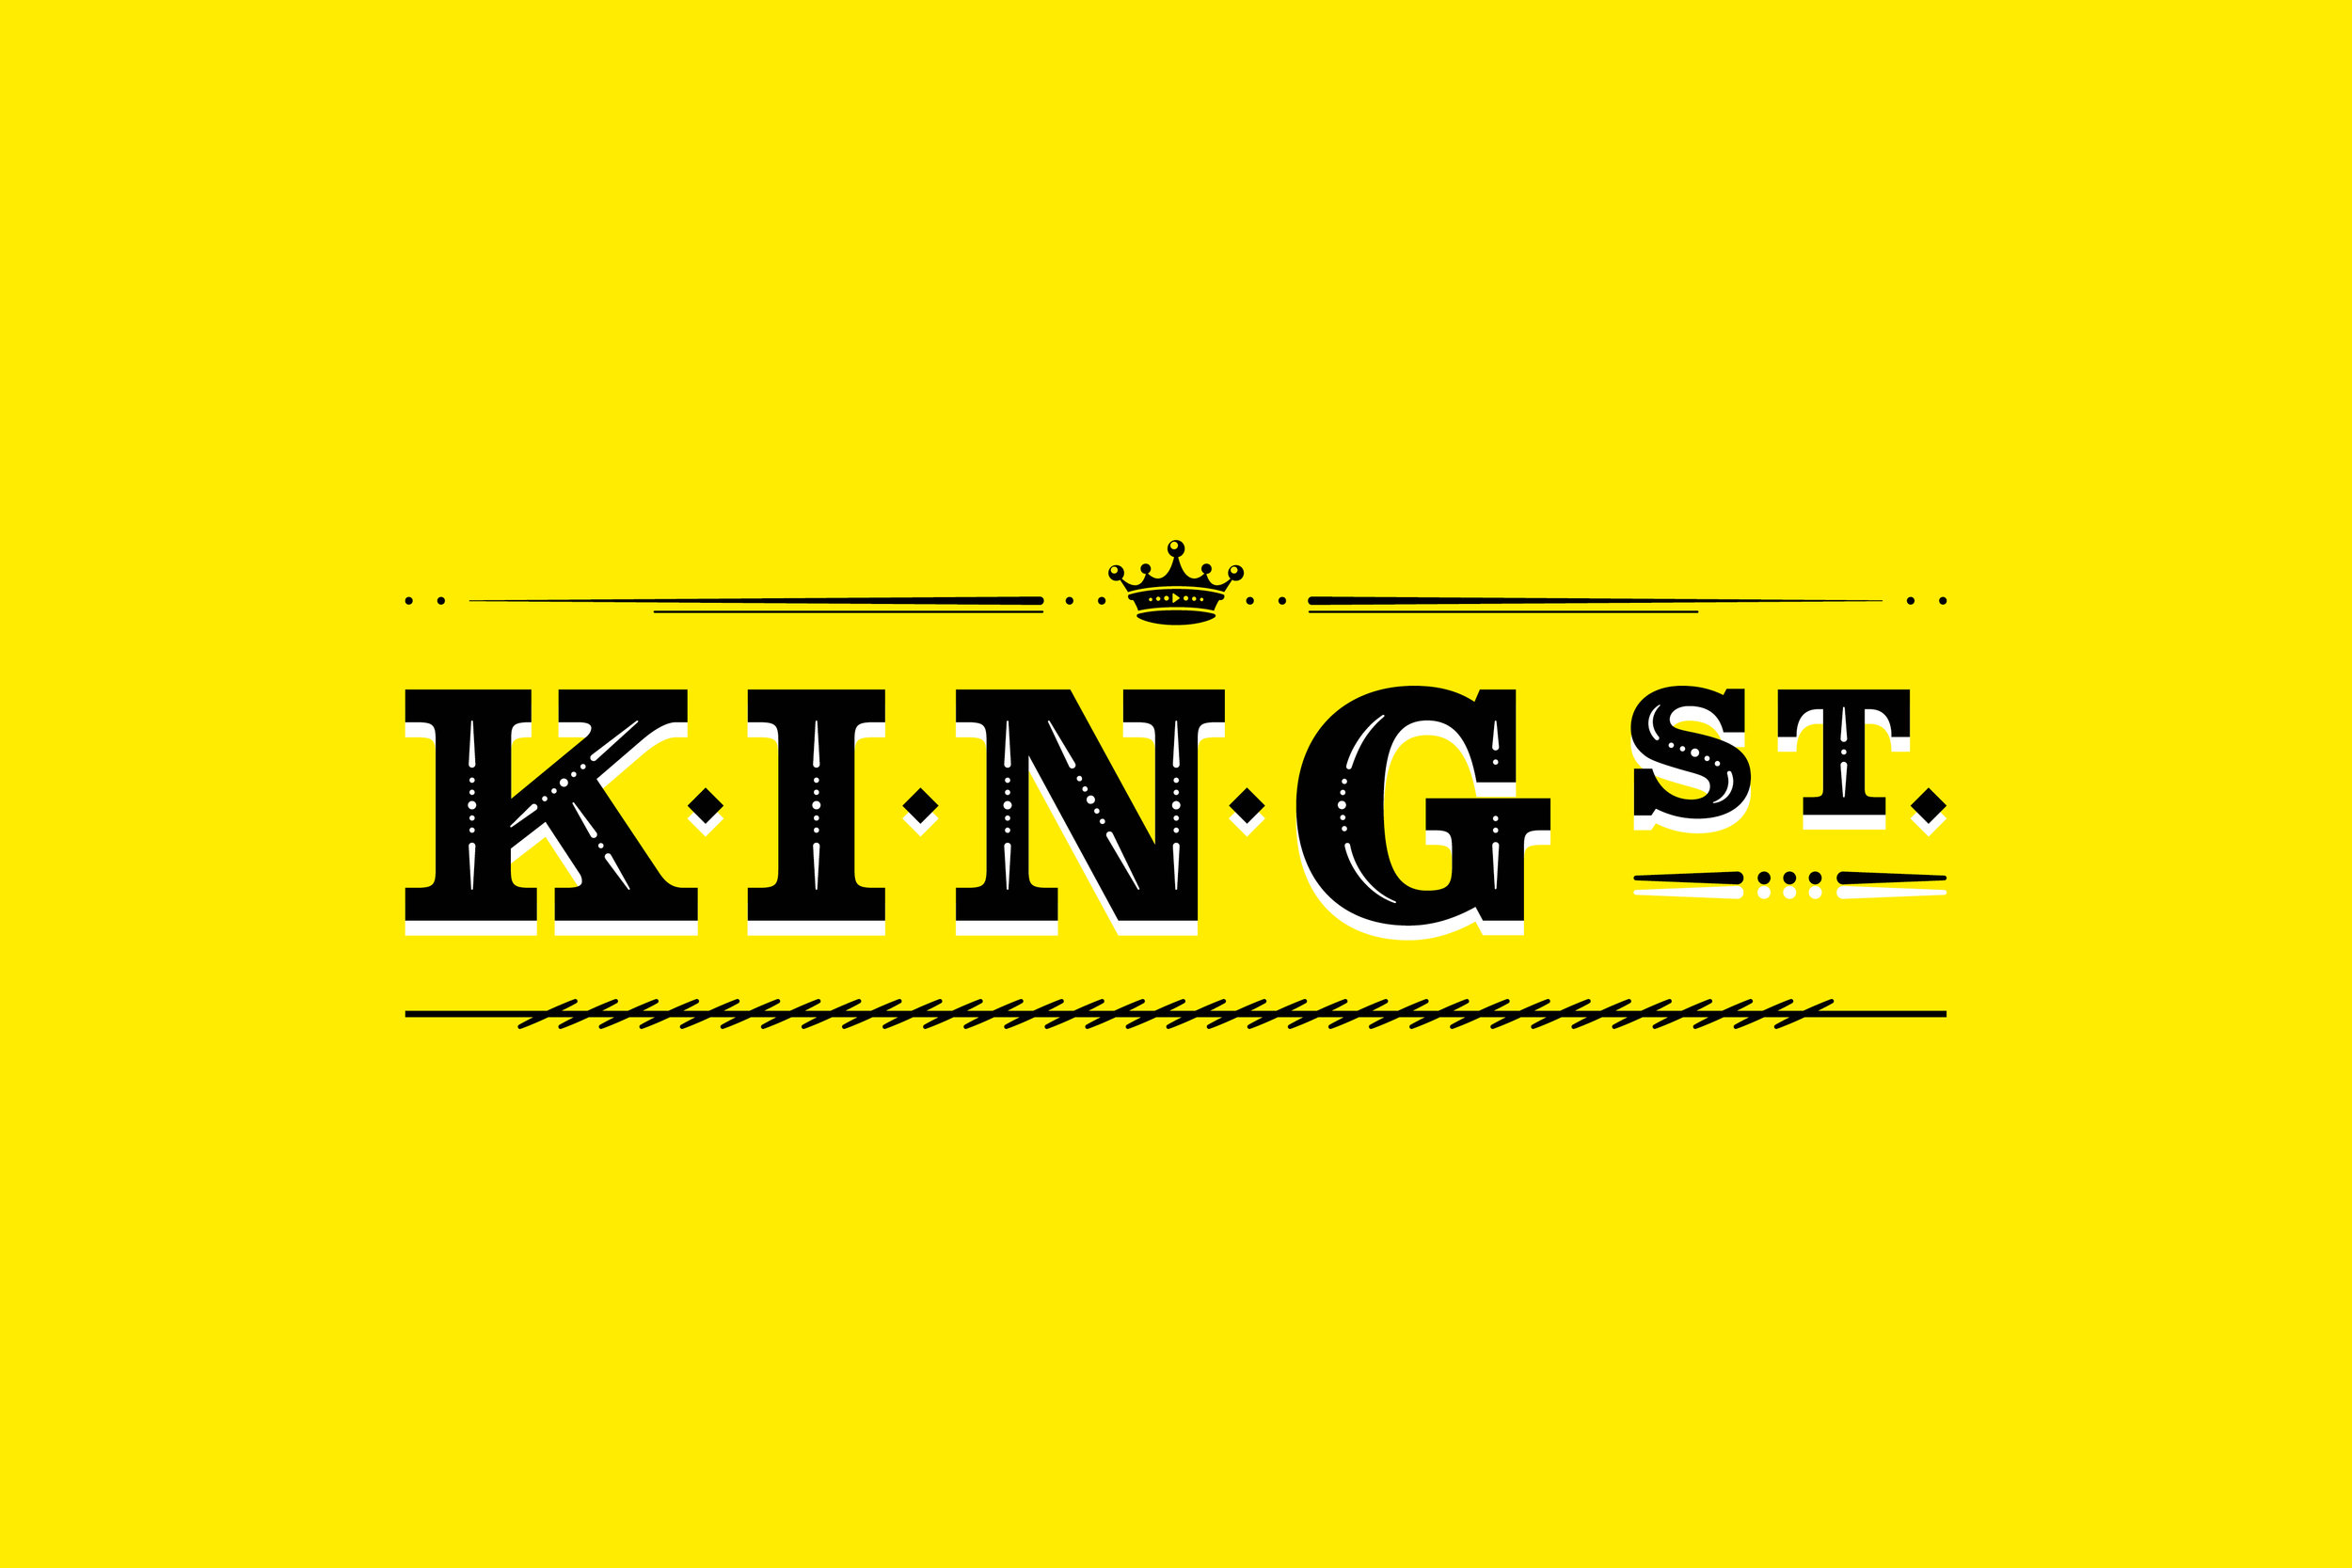 King Street 2500 x 1667 pixels.jpg